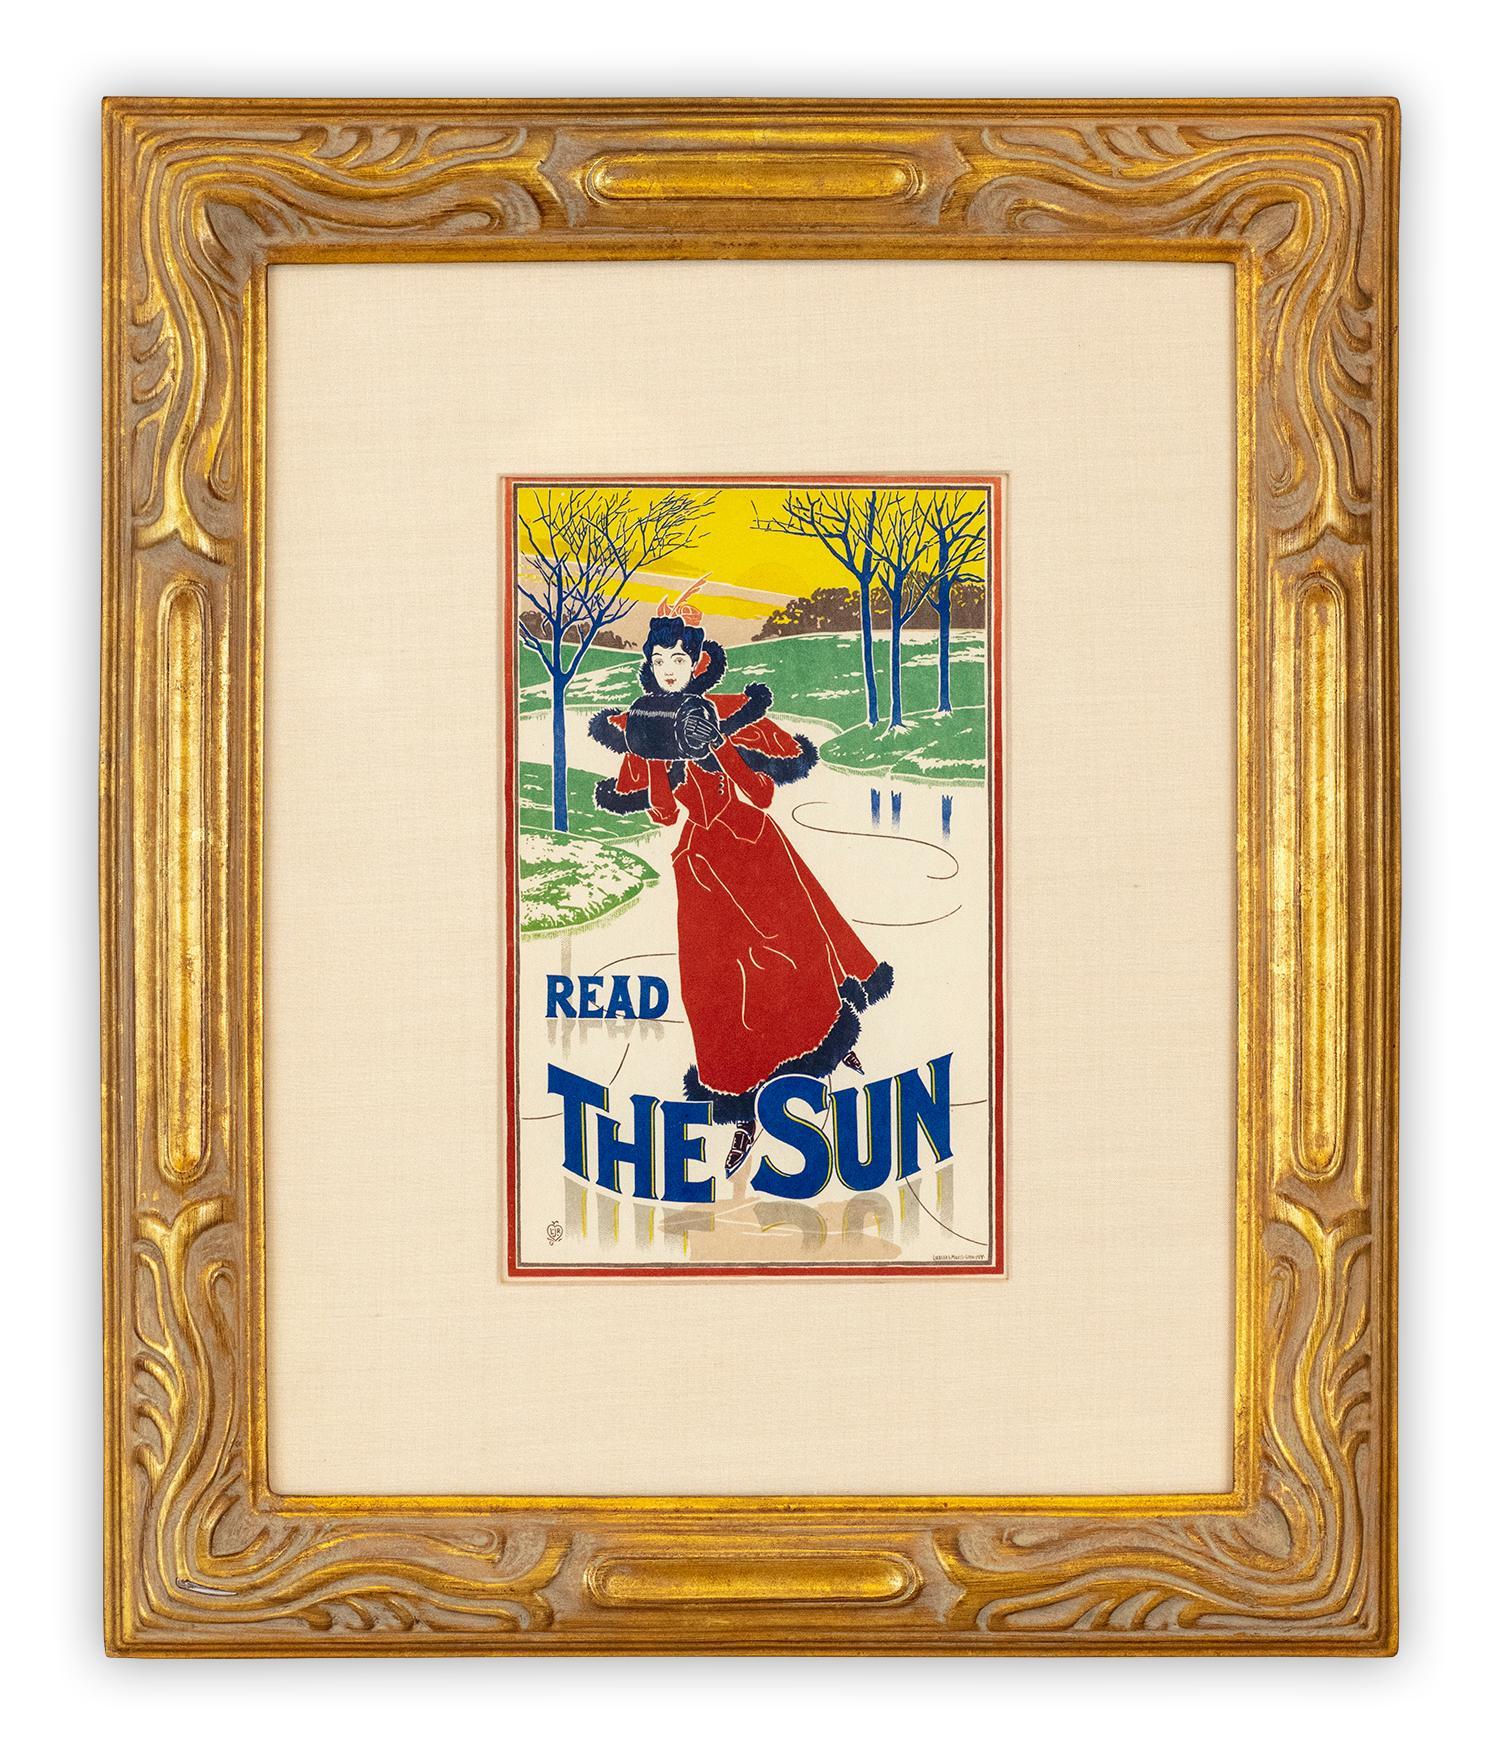 Read the Sun by Louis Rhead, Art Nouveau Japon lithograph, 1897